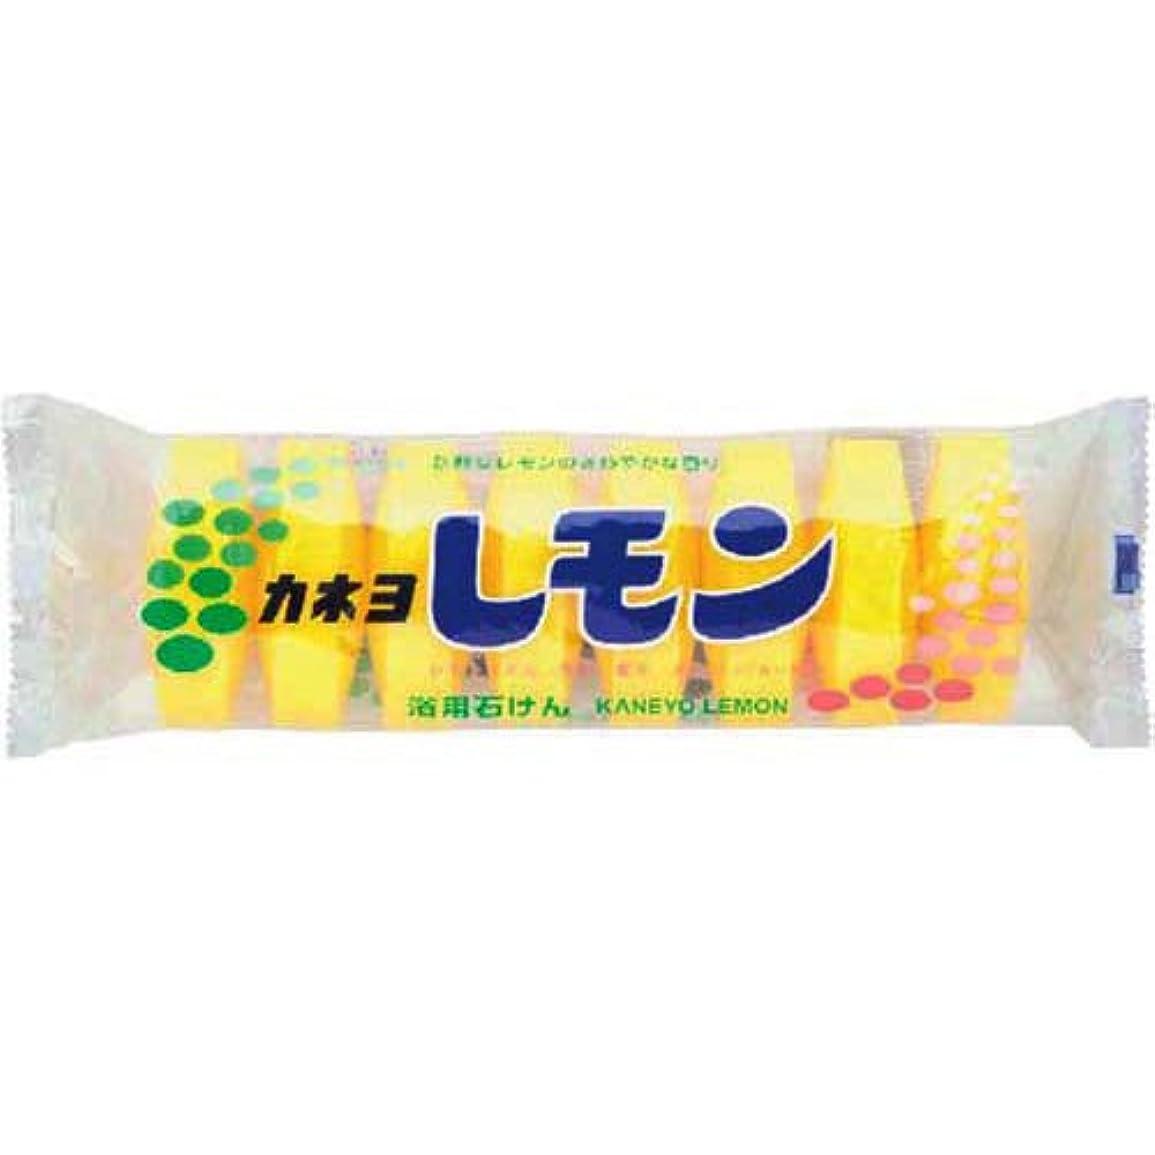 レモン8P360G × 36個セット